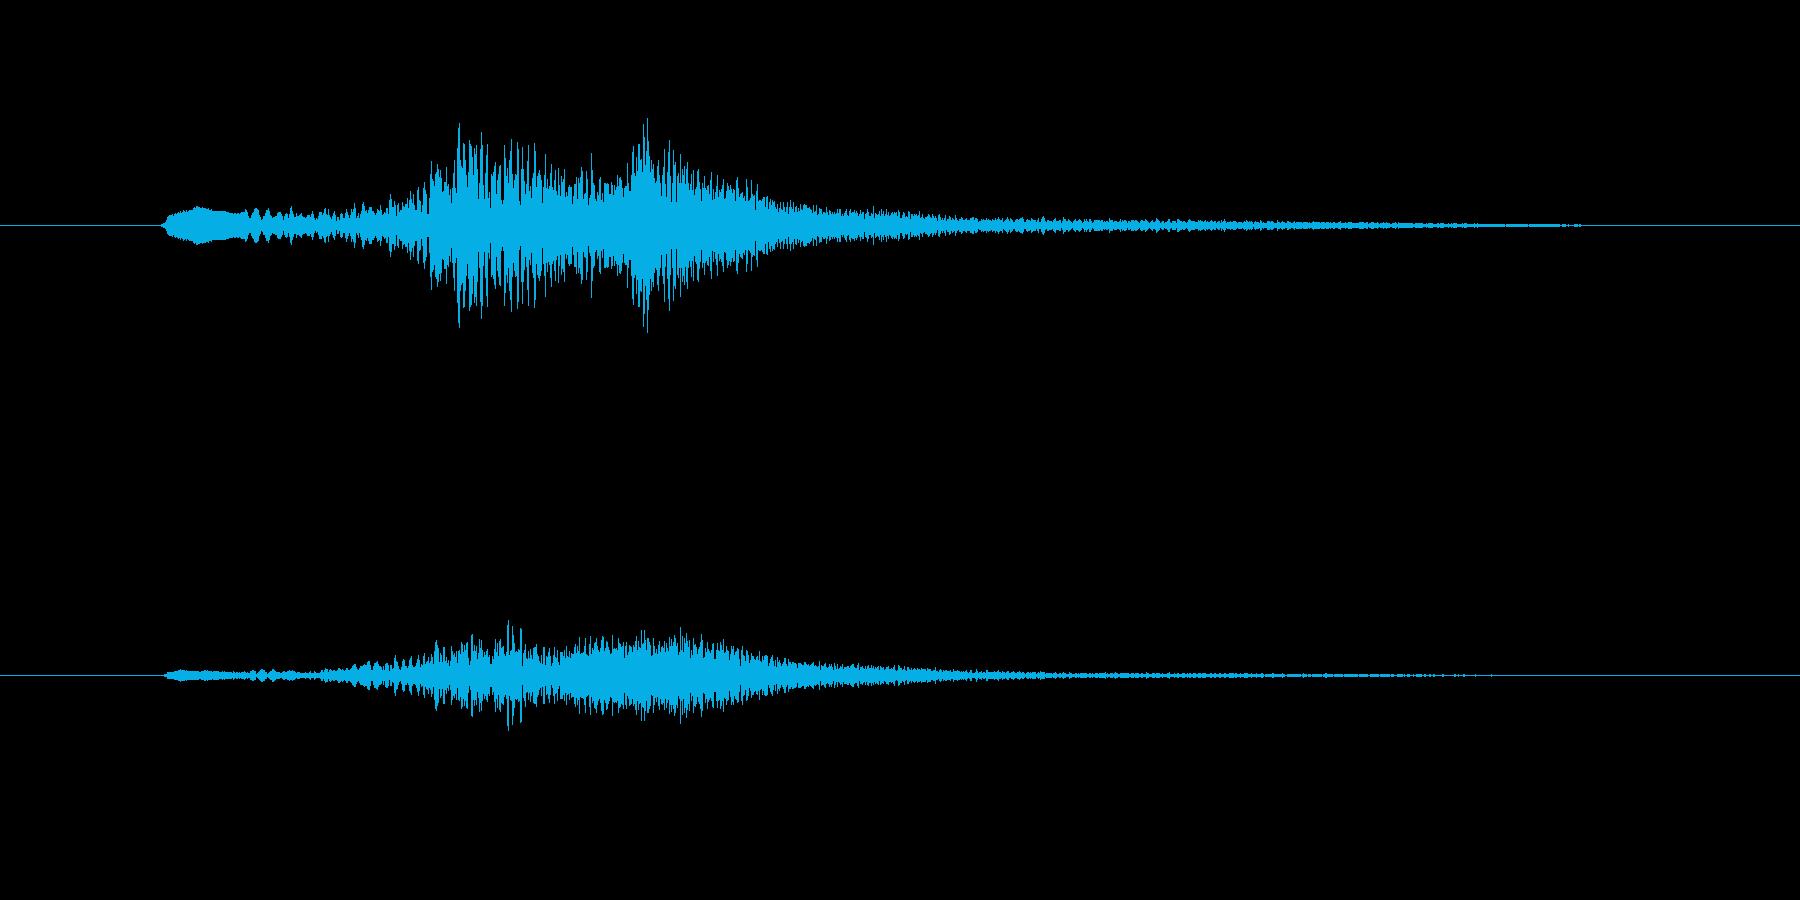 グランドハープのグリッサンド inA♭の再生済みの波形